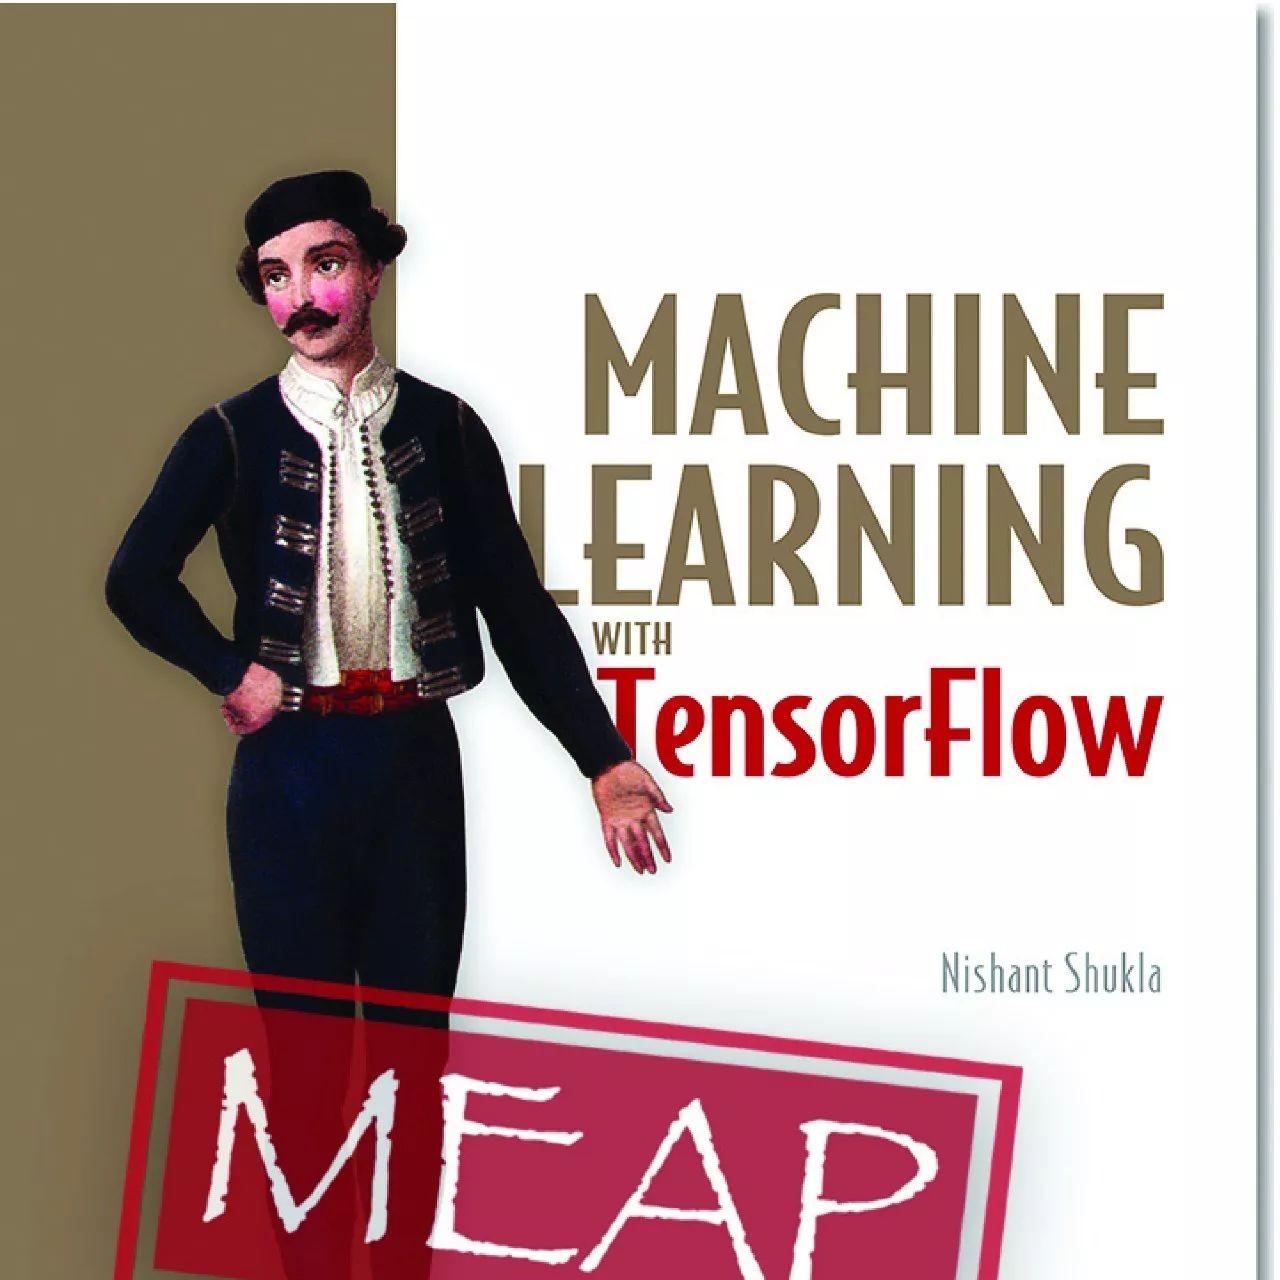 【下载】机器学习TensorFlow代码教程实战书籍和代码